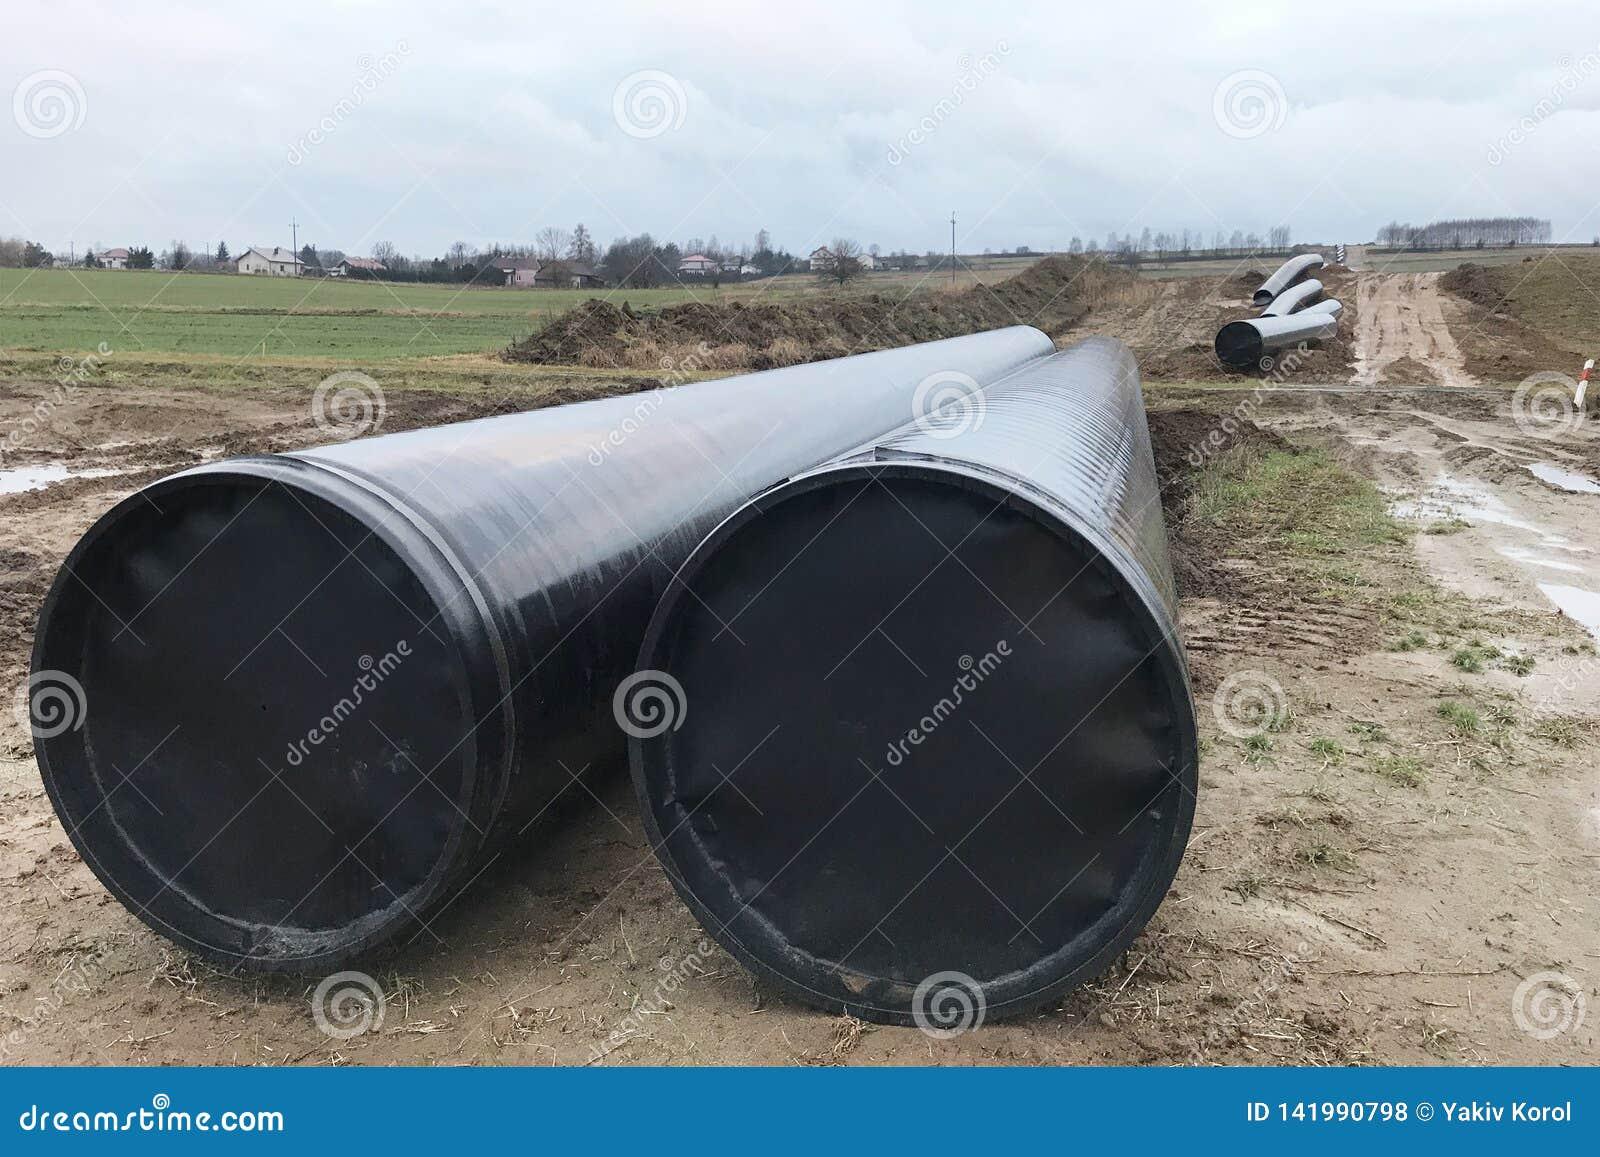 Μεγάλοι υδροσωλήνες/σωλήνες αερίου/σωλήνες ελαίου Τοποθέτηση της παροχής νερού μεταξύ των πόλεων Οι σωλήνες βρίσκονται στο έδαφος